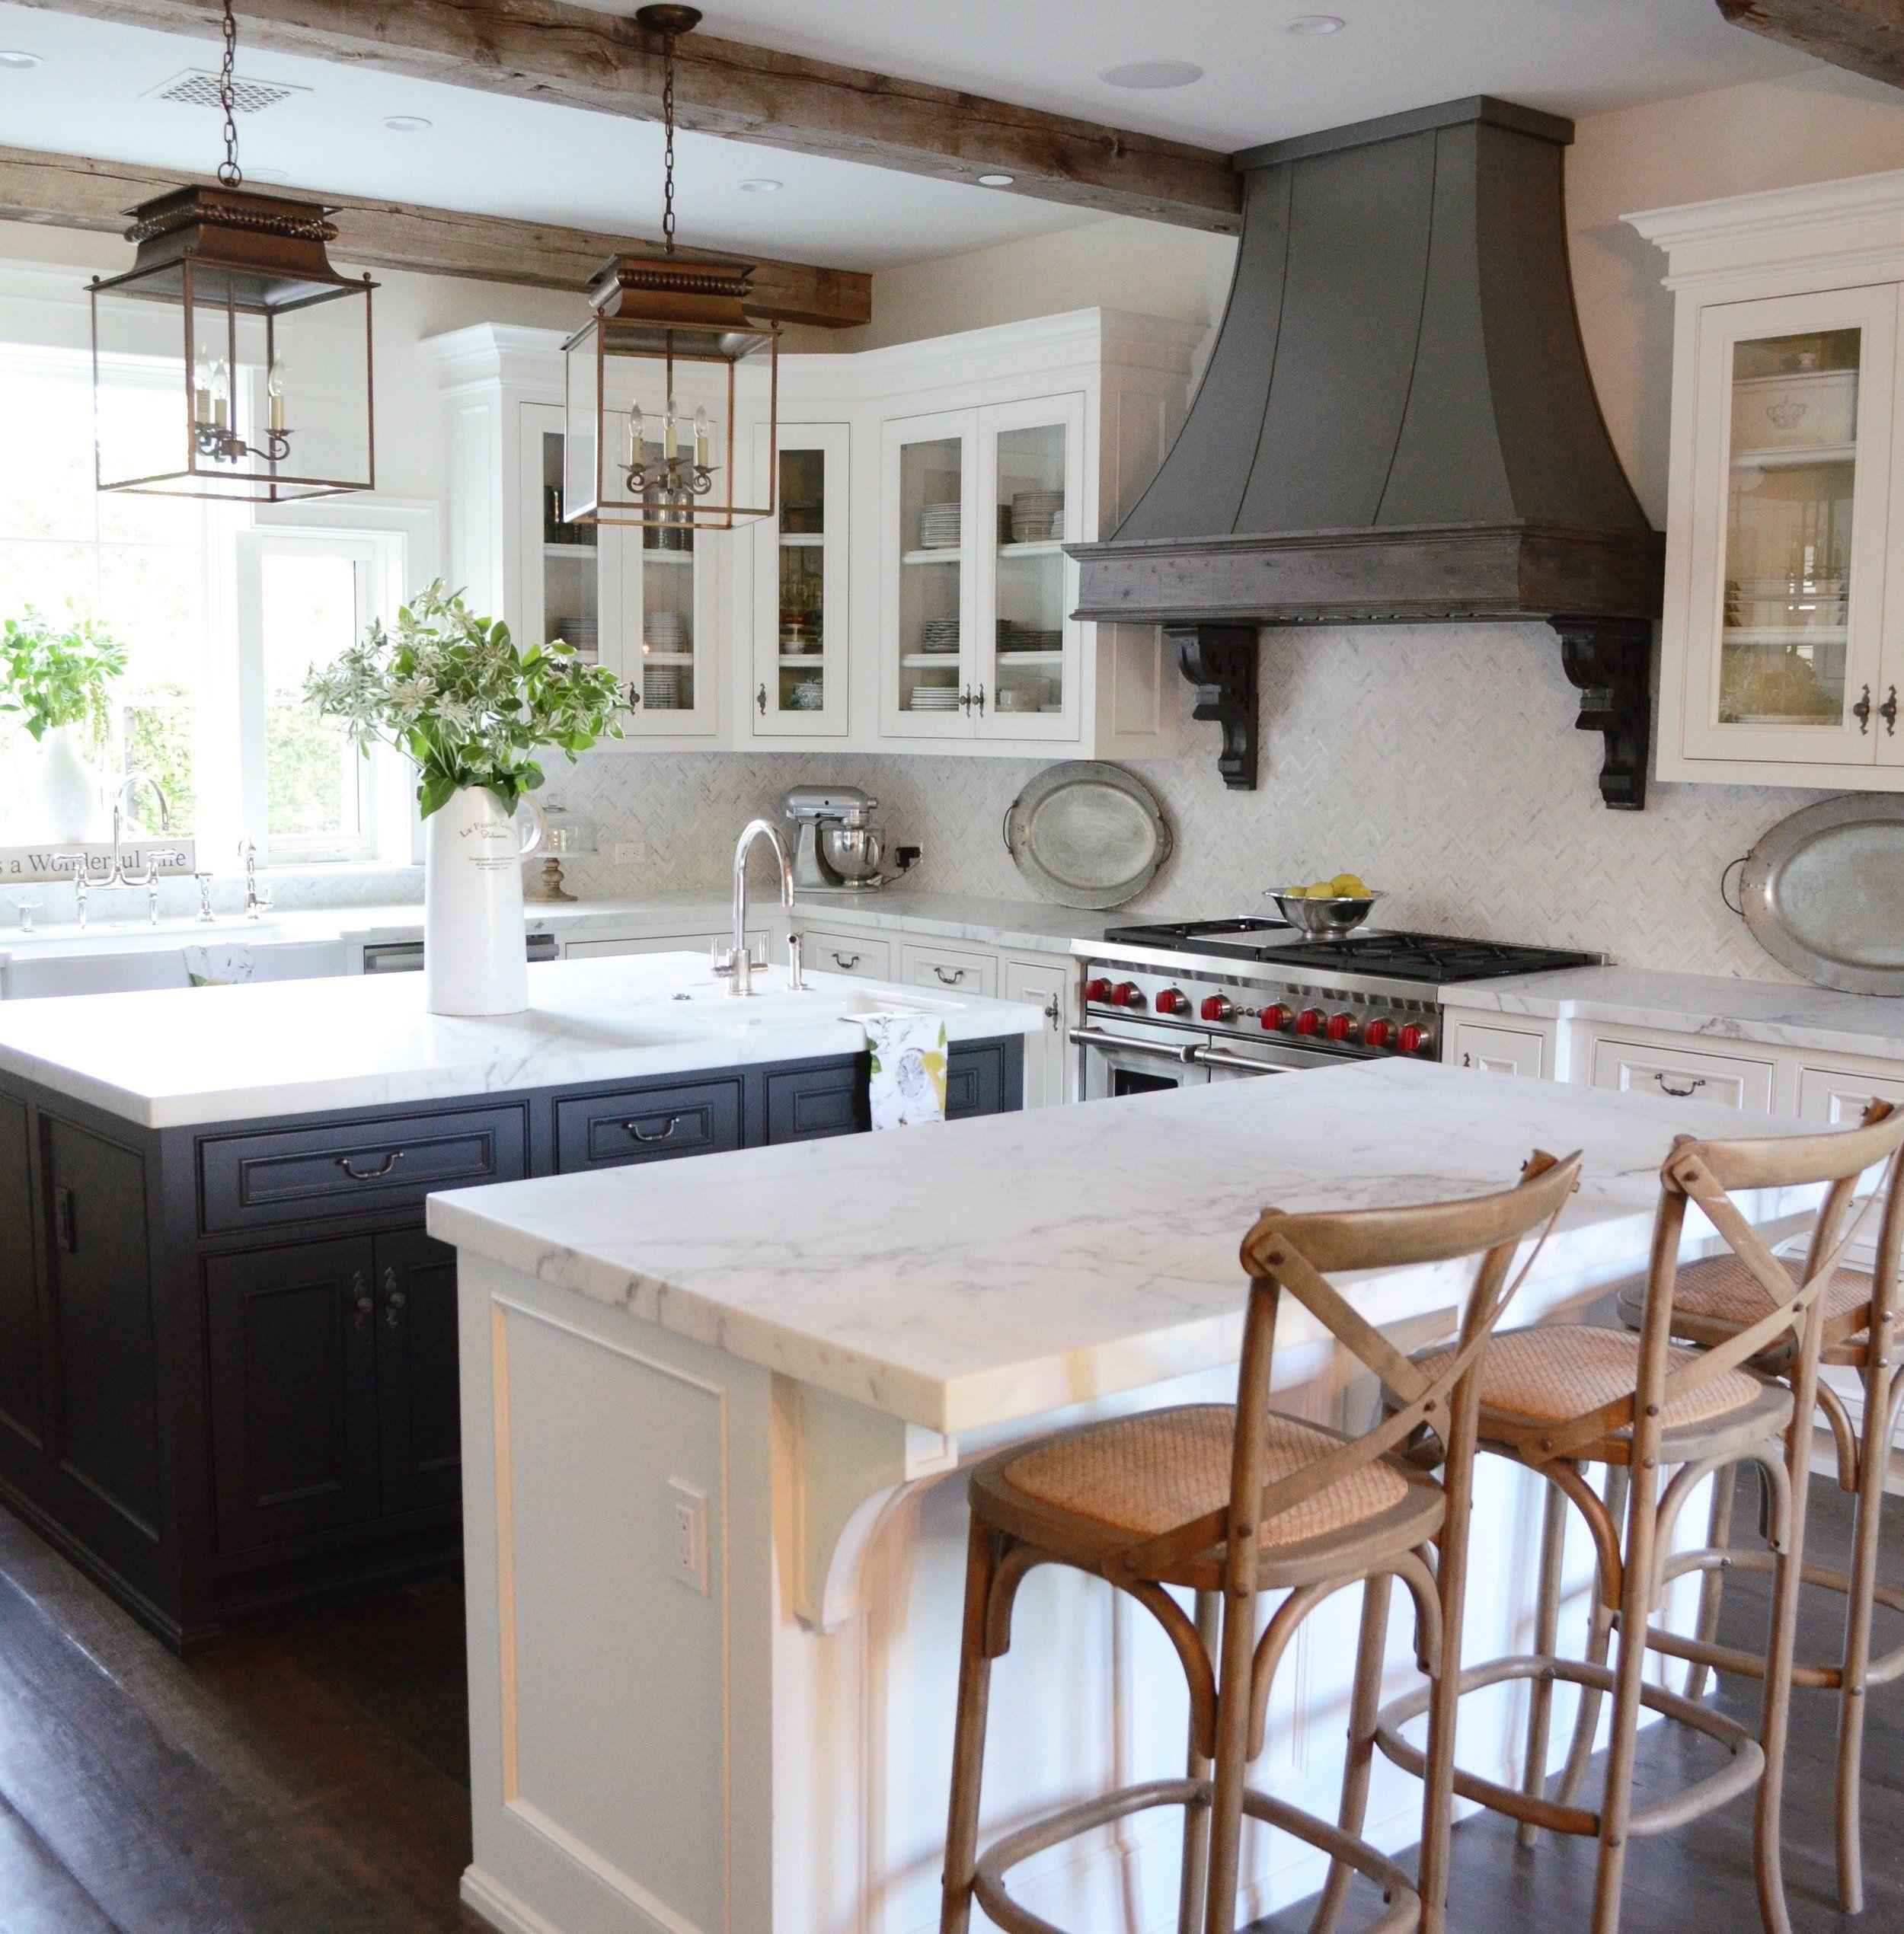 best farmhouse paint colors kitchen island decor country kitchen farmhouse kitchen island on farmhouse kitchen wall colors id=32388